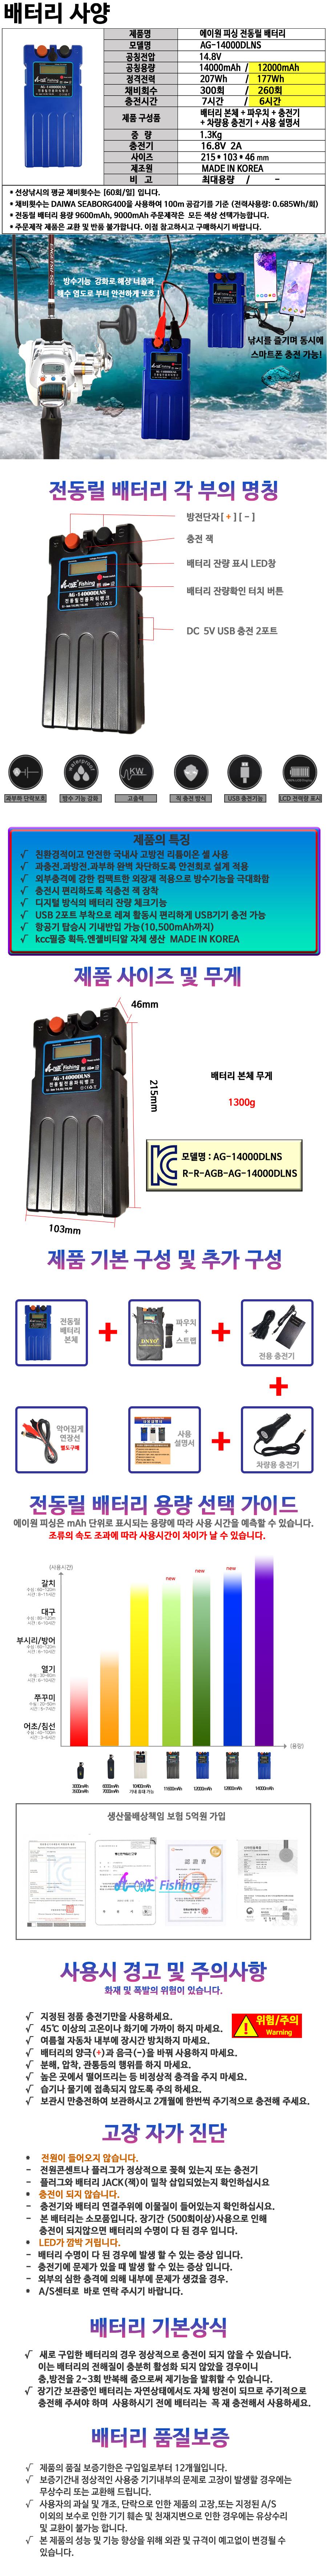 AG_14000DLNS_12000mAh.jpg